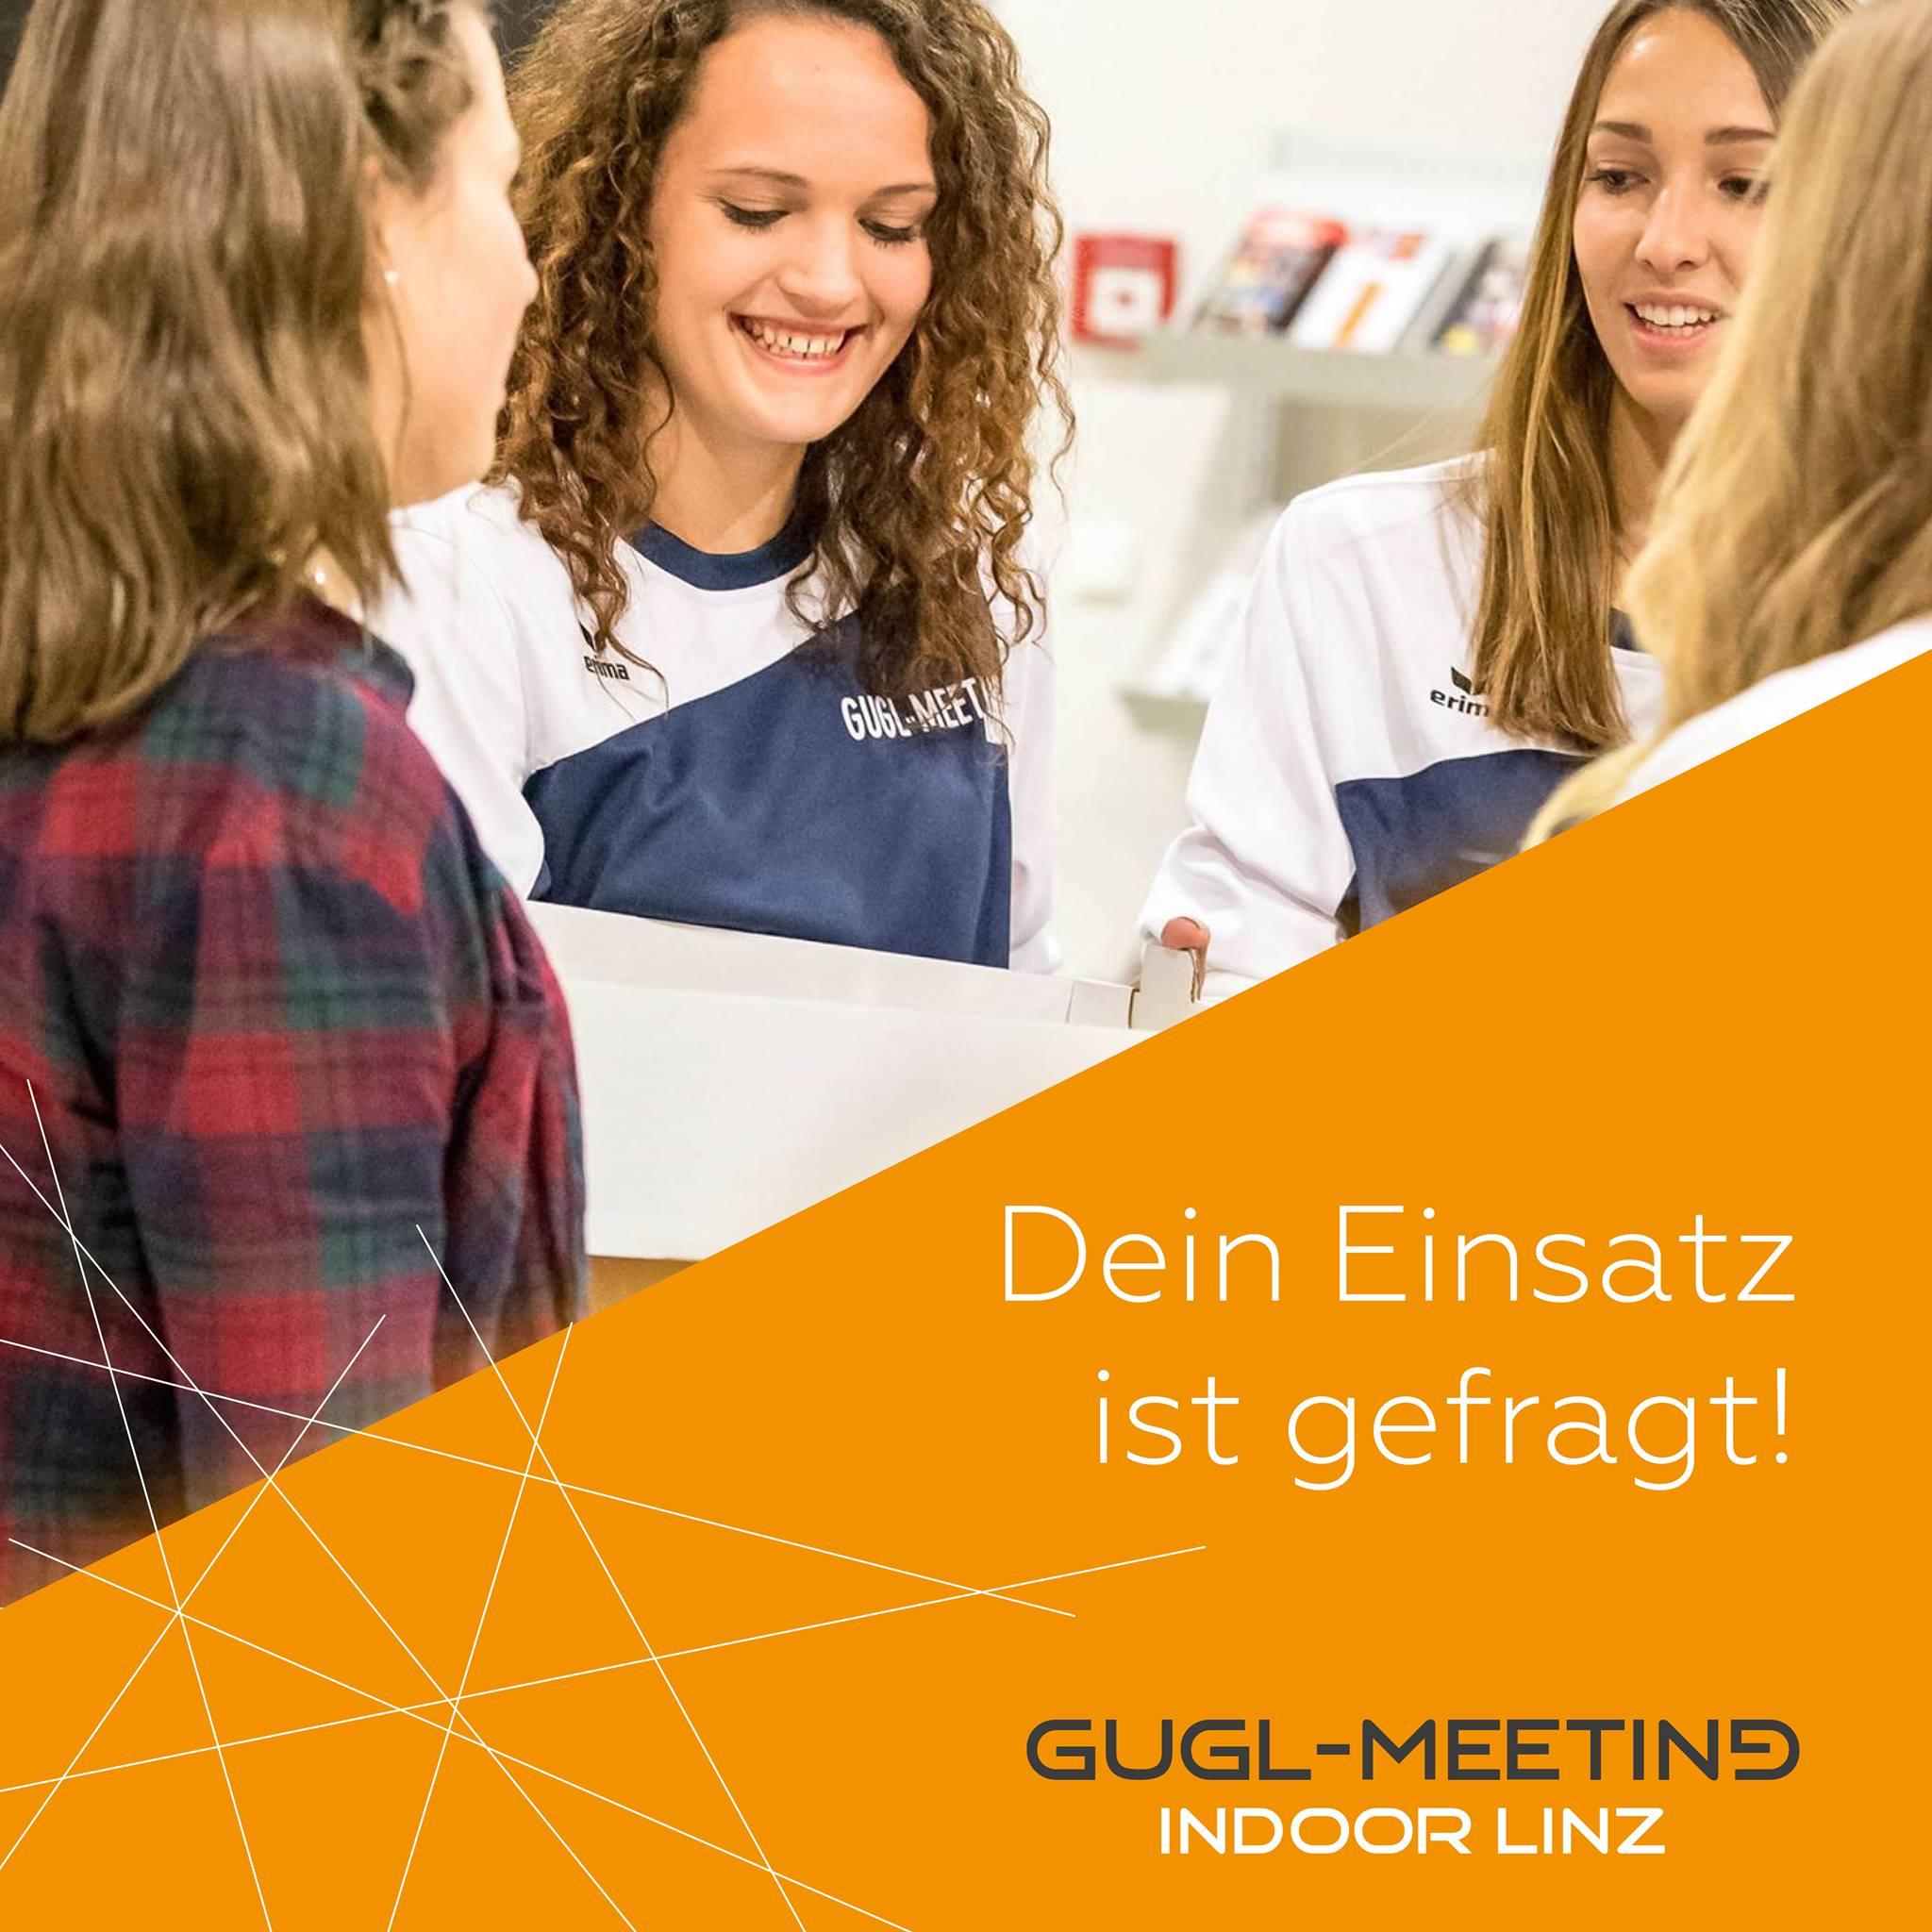 gugl meeting indoor linz